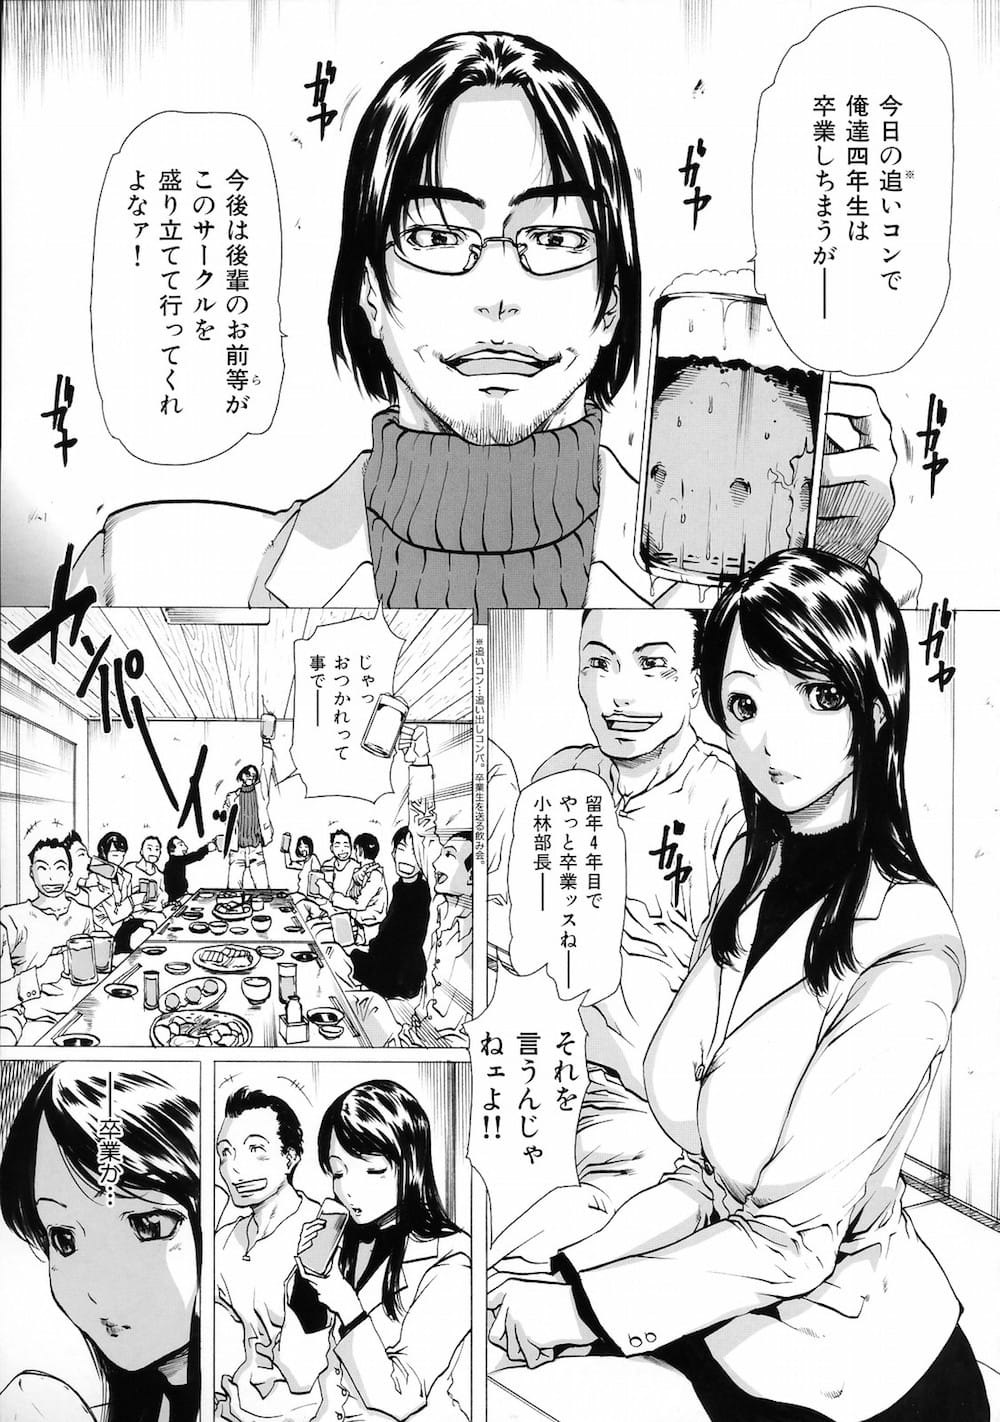 【エロ同人・エロ漫画】サークルの追いコンで過去のセックスを思い出した結果、最後に4Pをして卒業した! 004